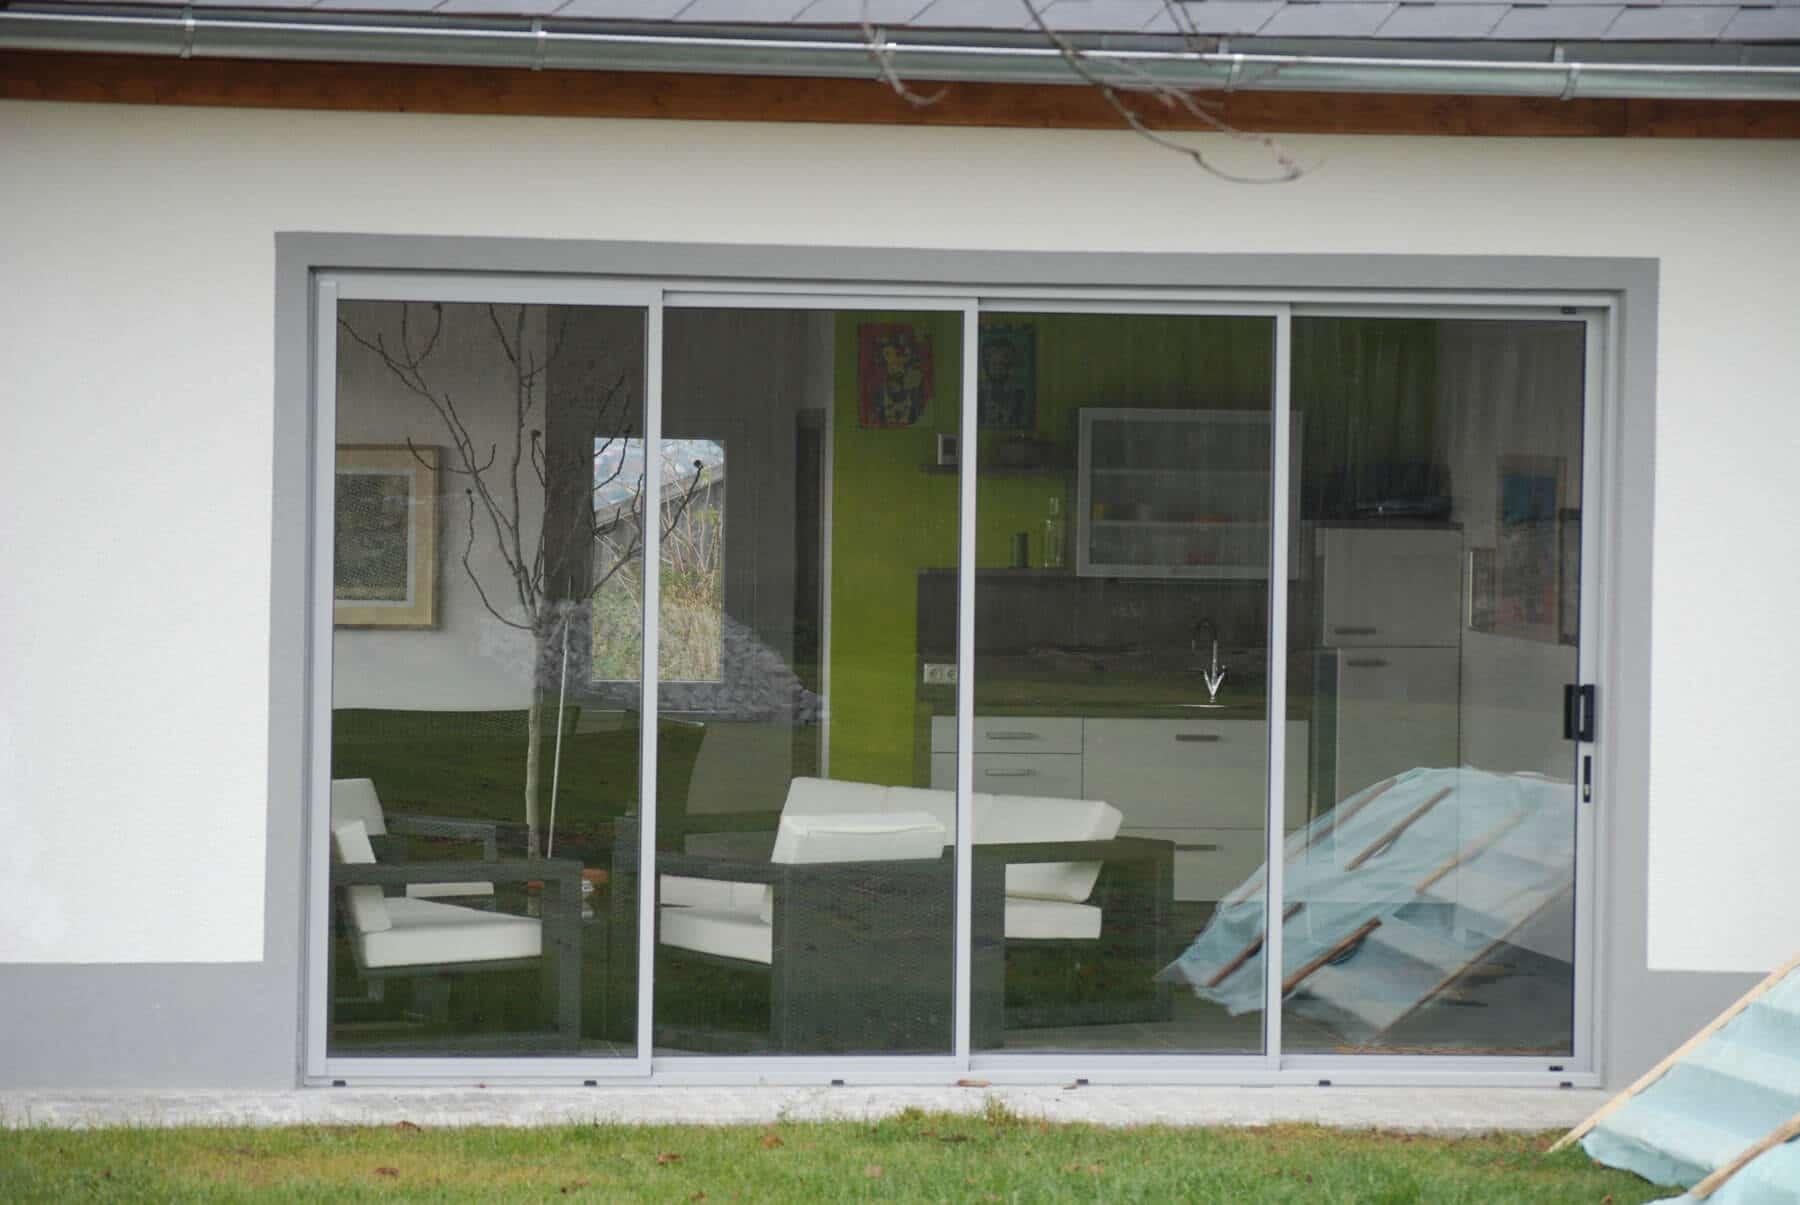 Schiebetür Terasse sunflex faltelemente in grau für balkon fenster schmidinger